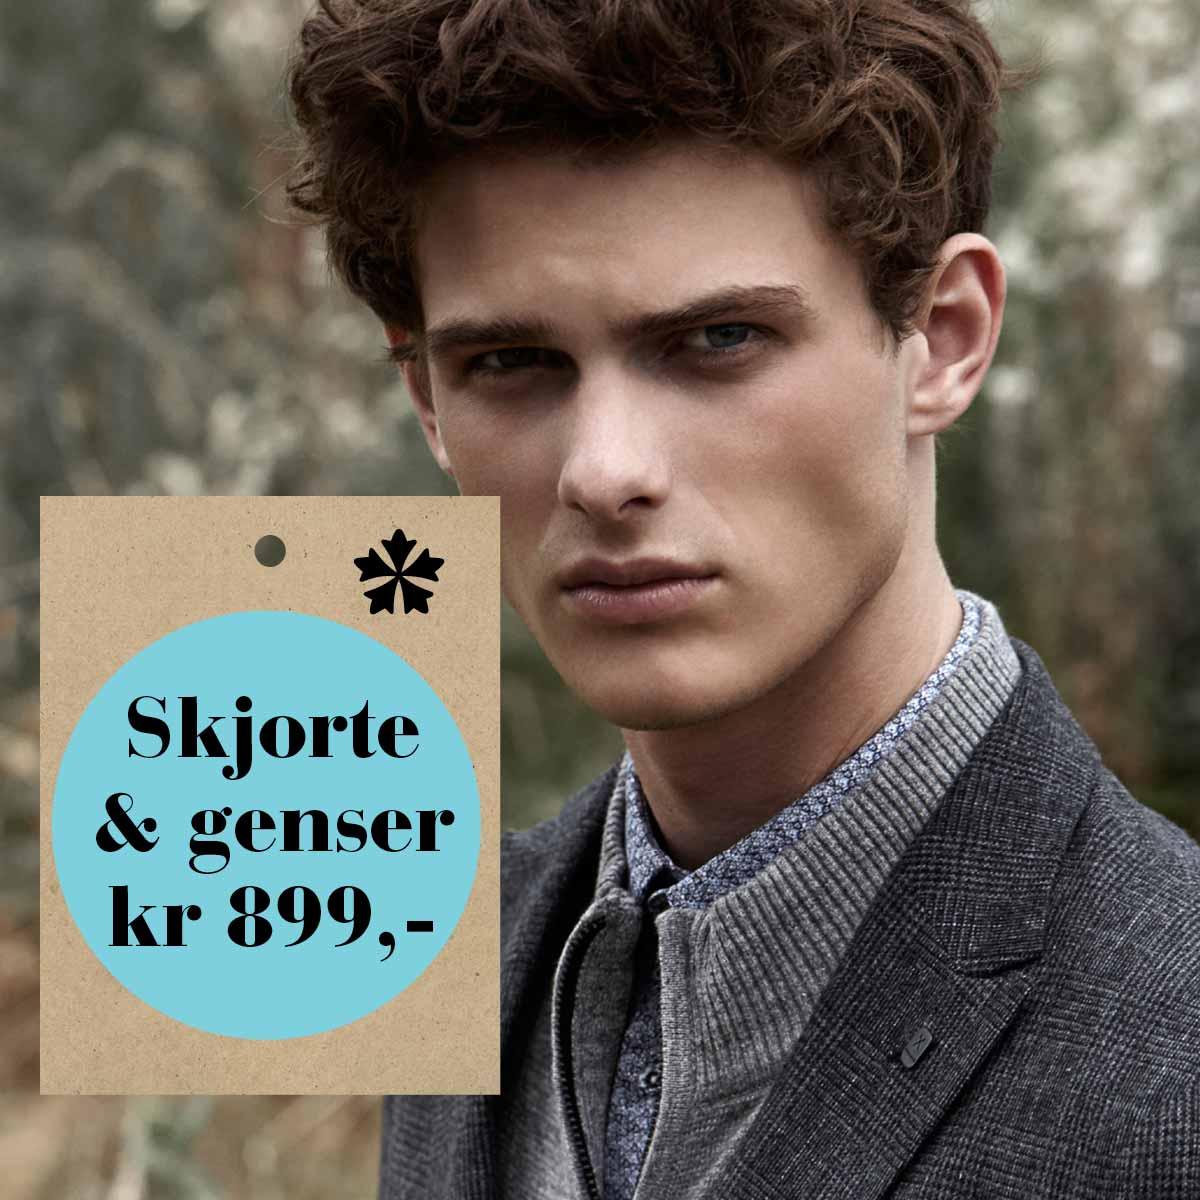 Skjorte og genser kr 899,-